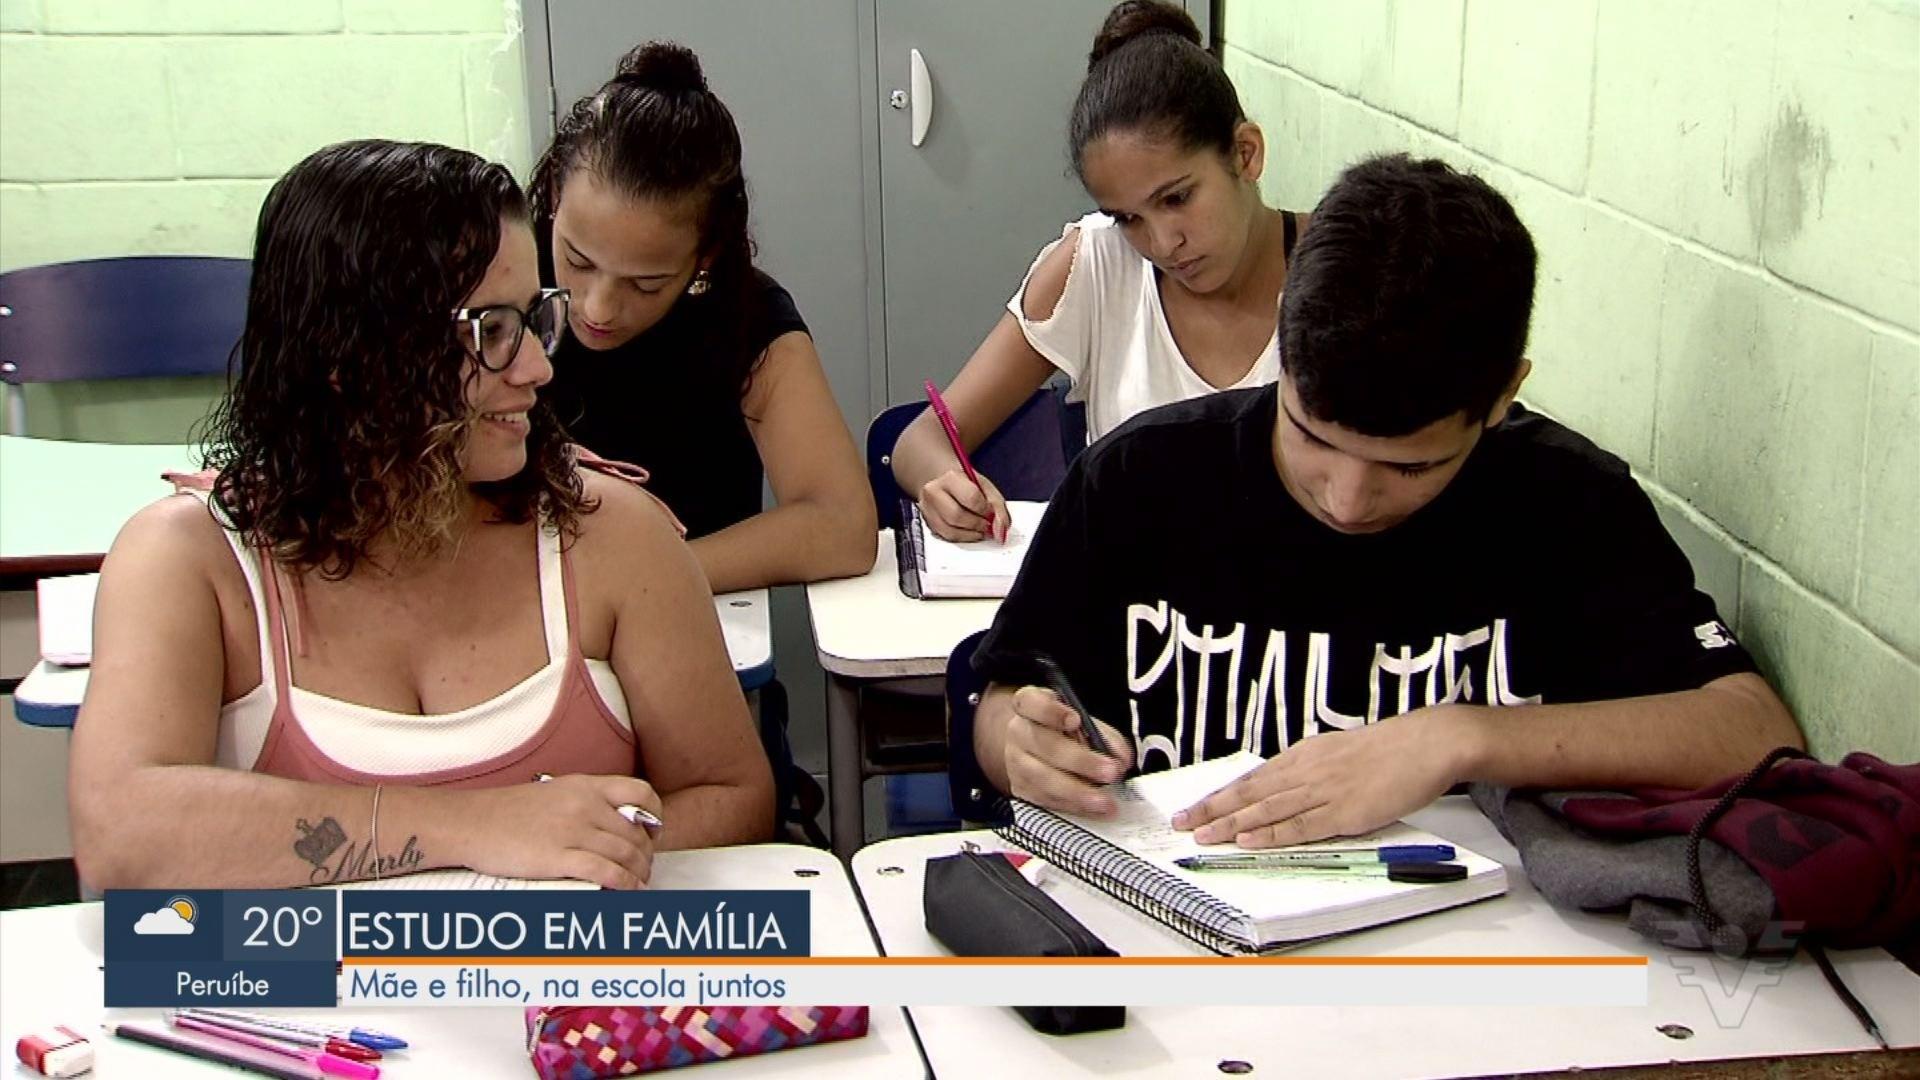 VÍDEOS: Jornal da Tribuna 1ª Edição de sexta-feira, 28 de fevereiro